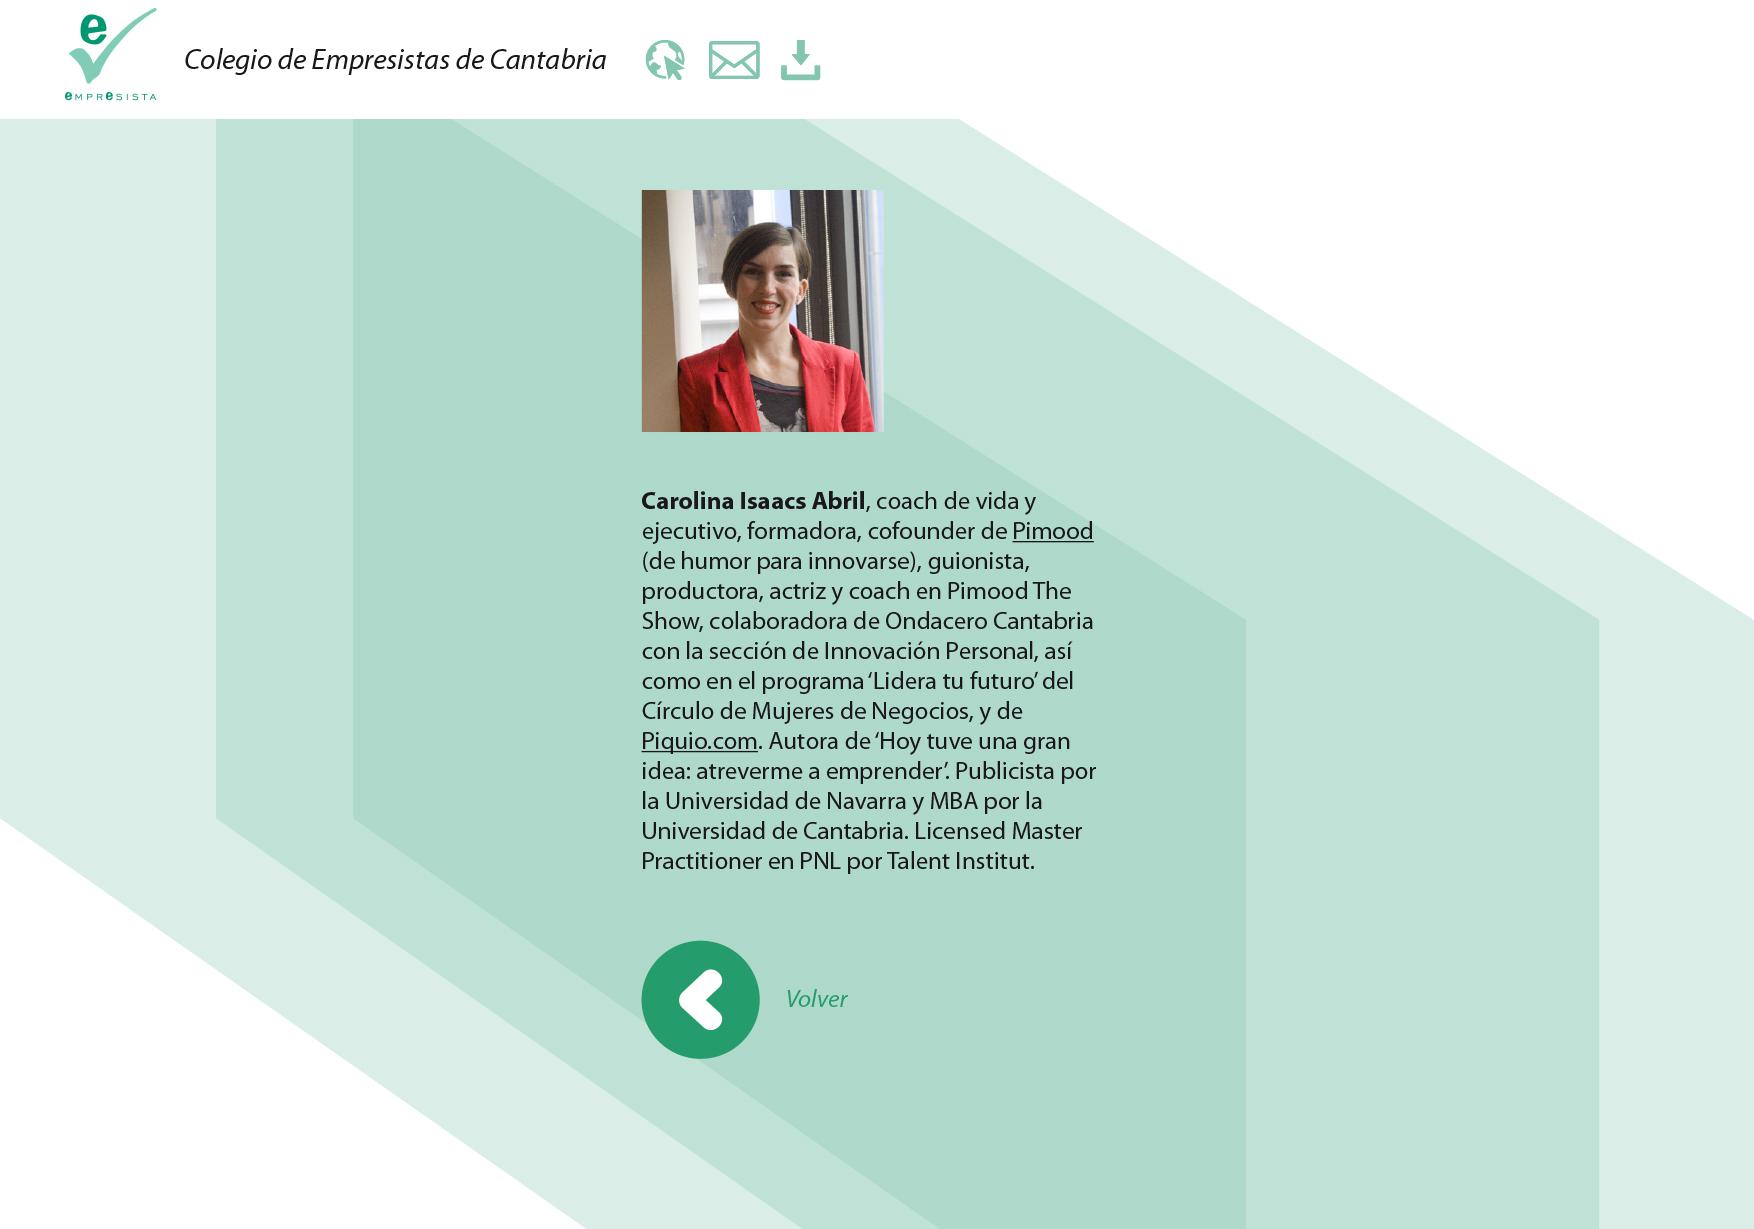 Jornada_empresistas2